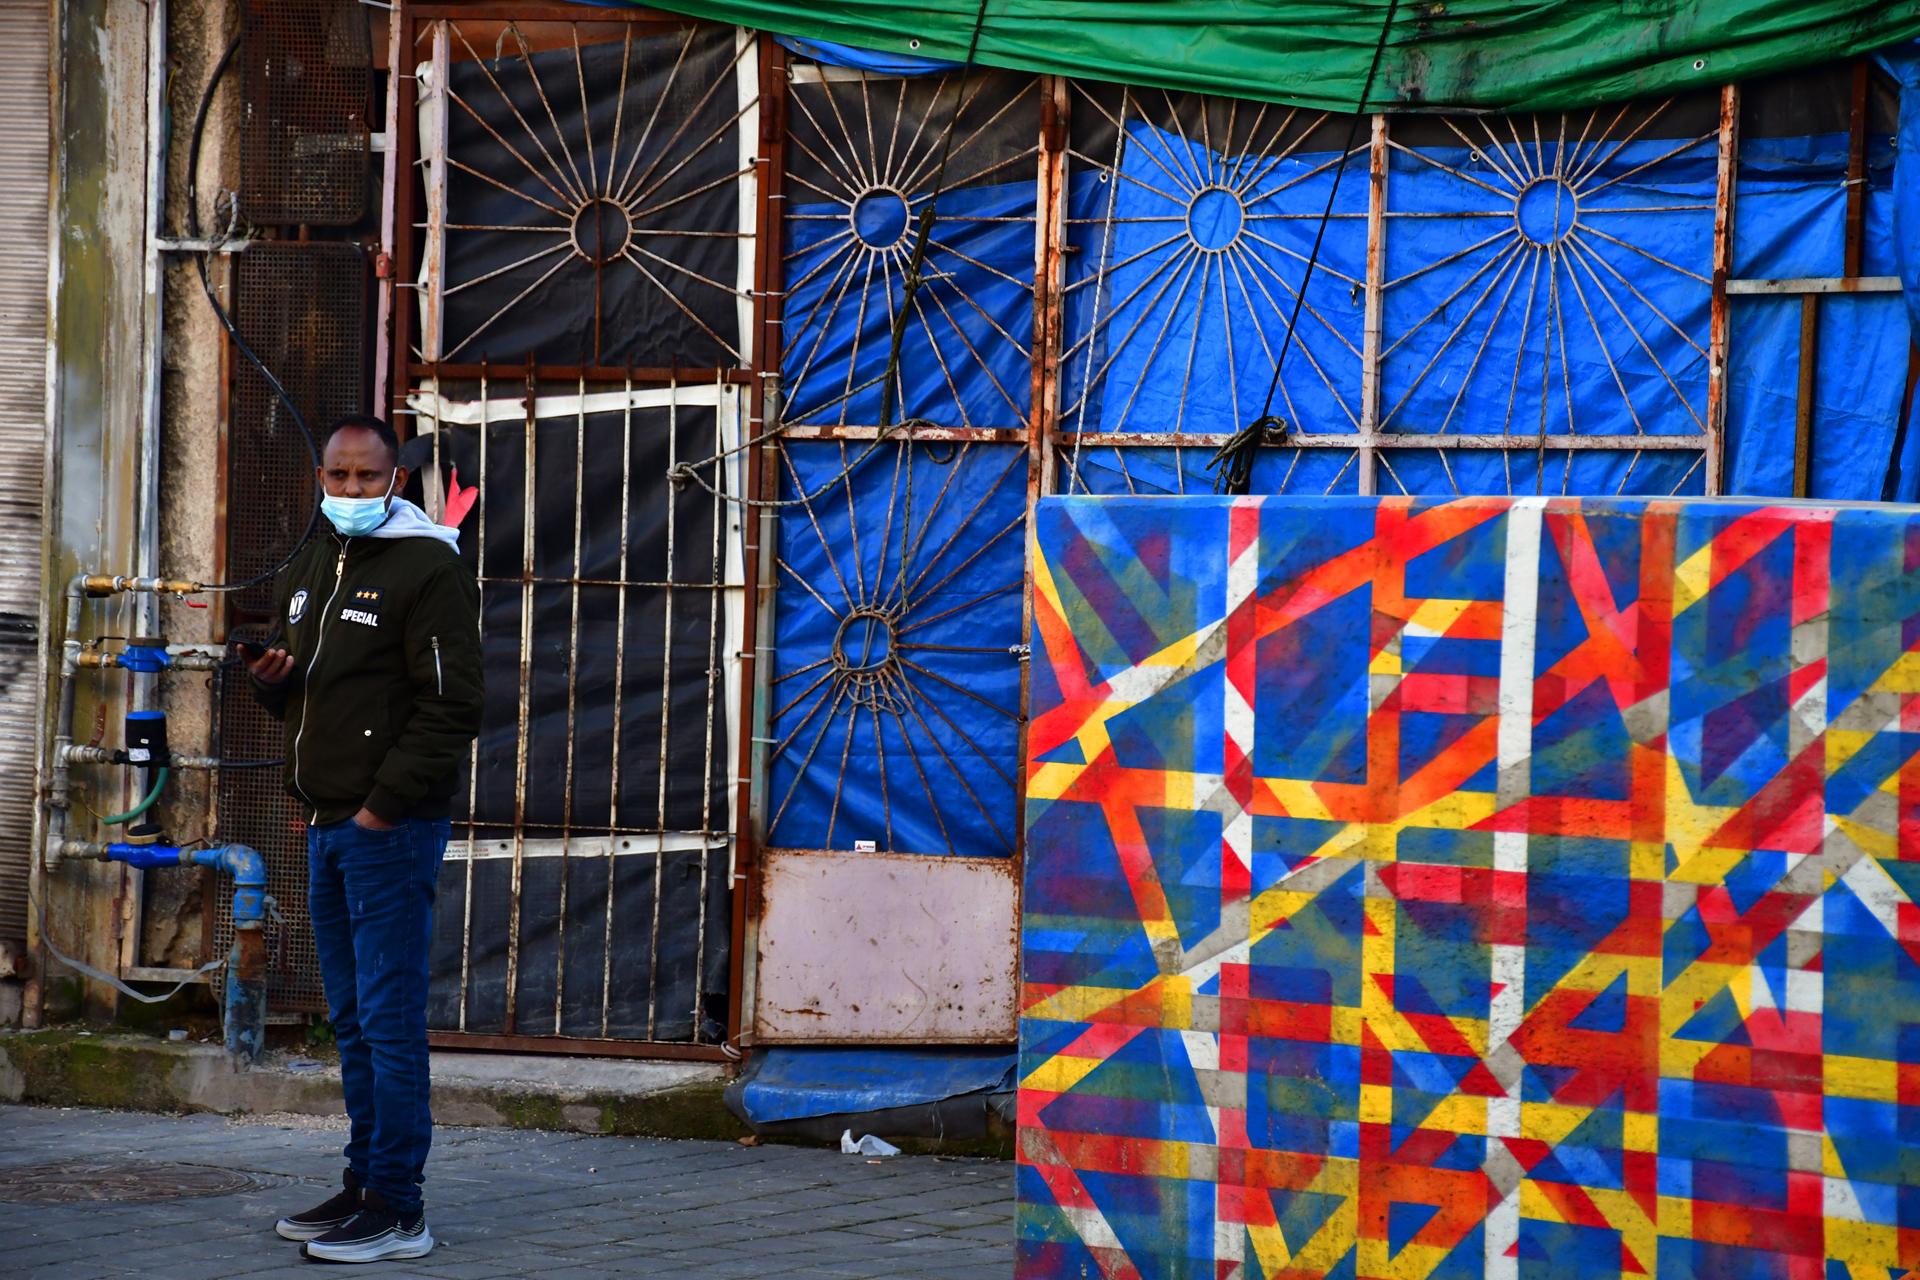 יואל שתרוג - אדמה יוצרת - תחנה מרכזית ישנה תל אביב - yoel sitruk